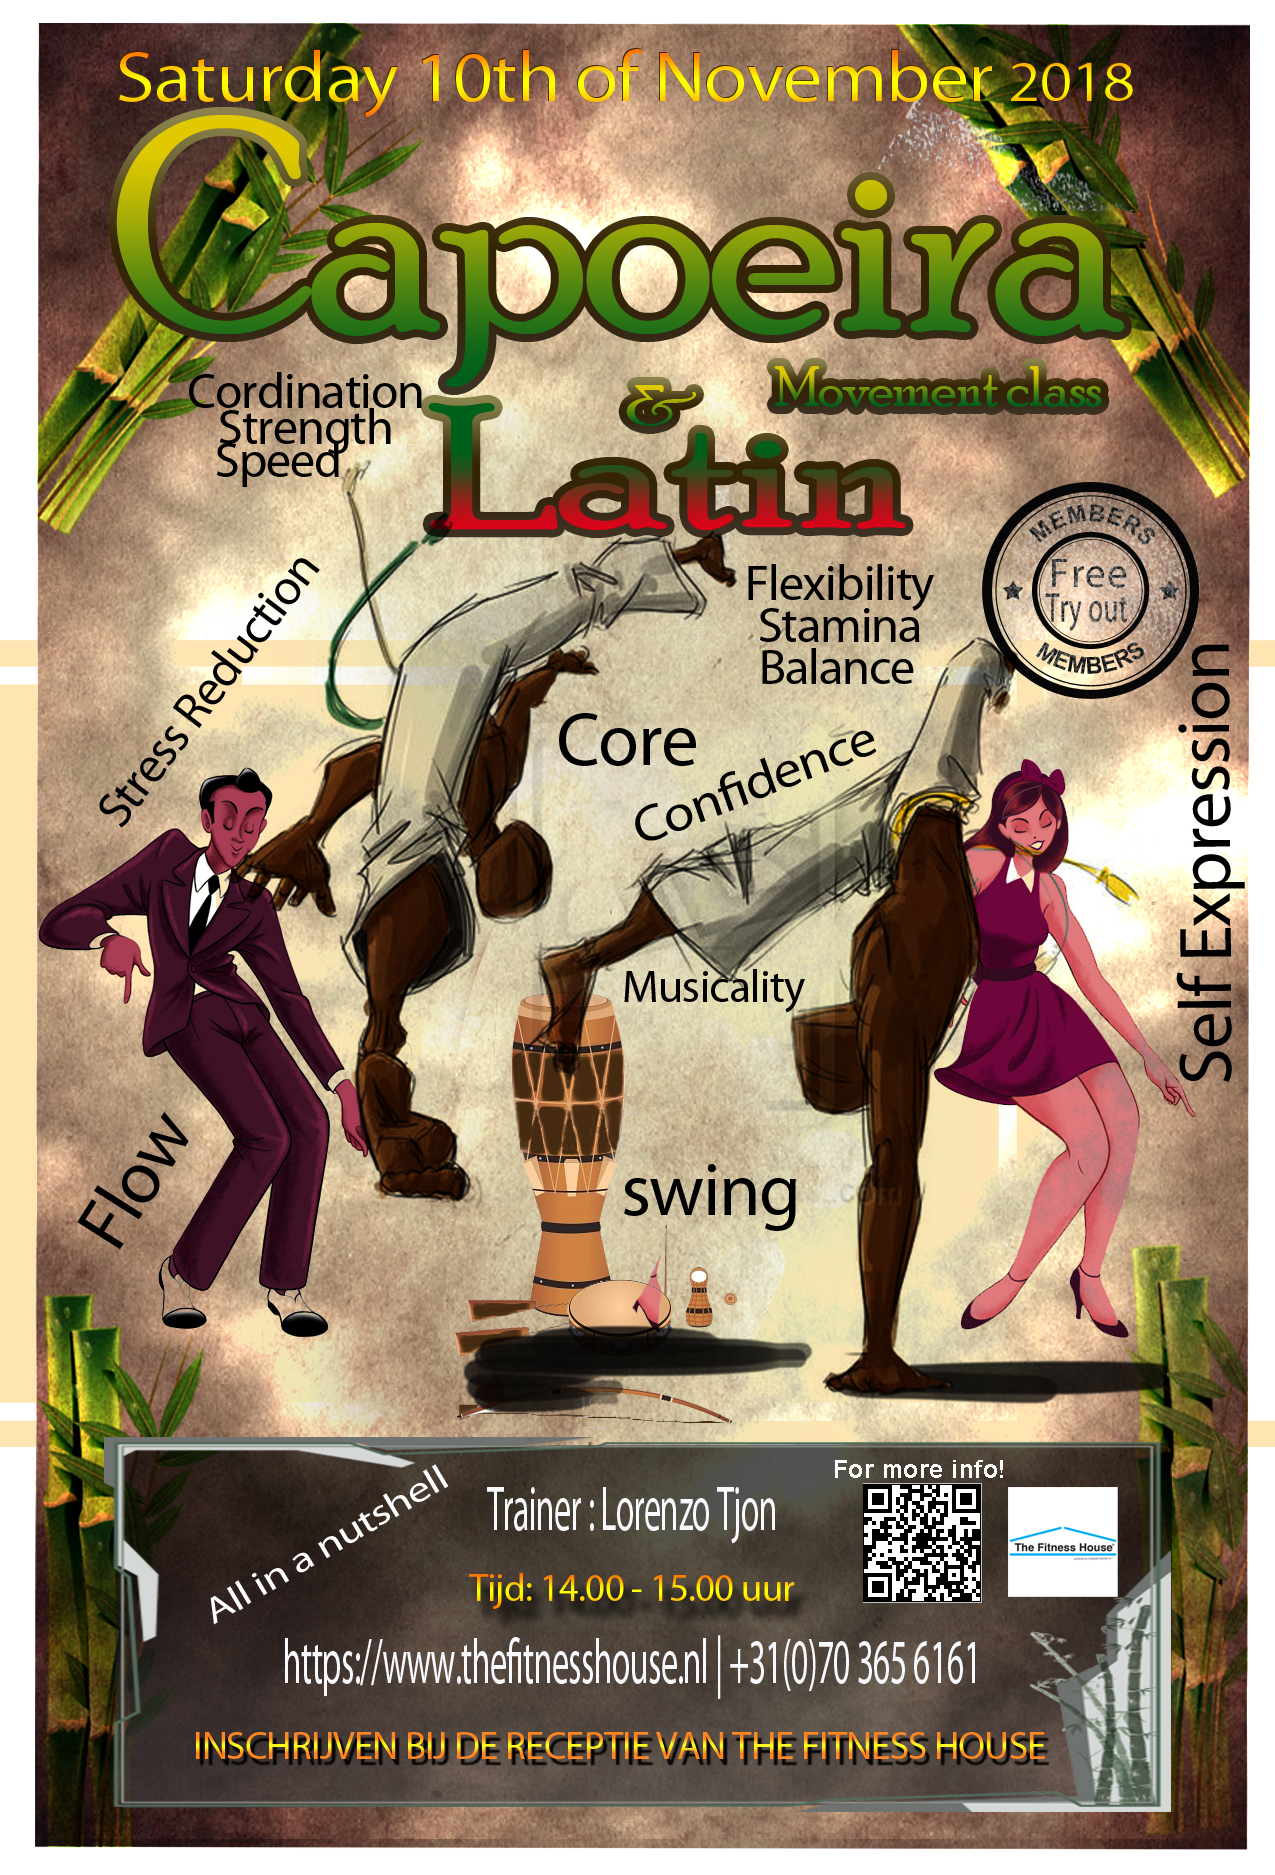 capoeira-flyer